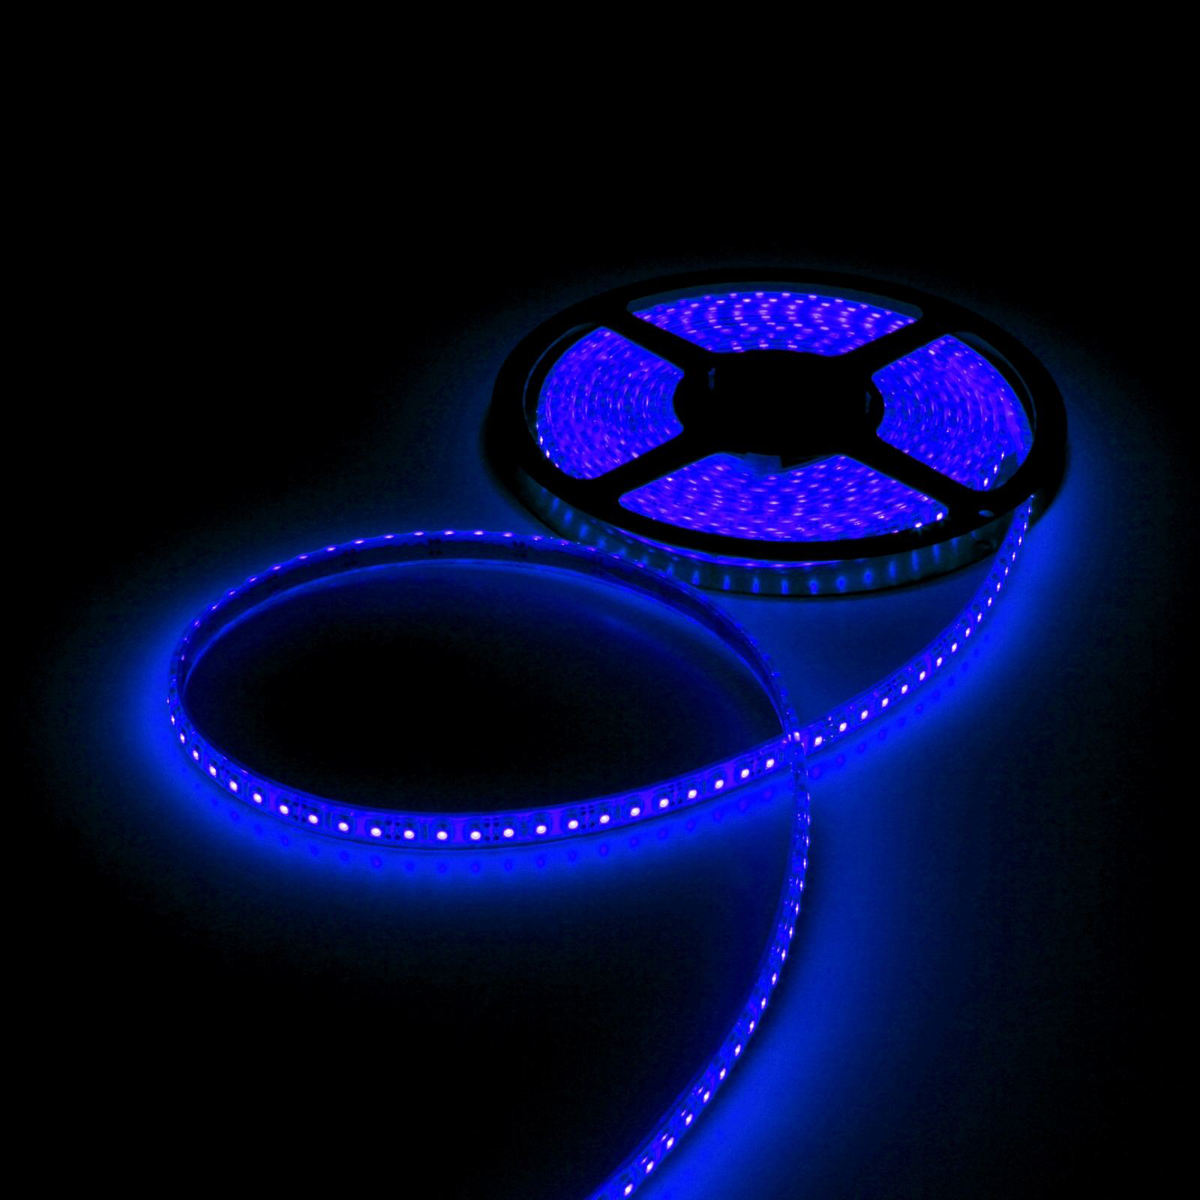 Светодиодная лента Luazon, 12В, SMD3528, длина 5 м, IP68, 120 LED ламп, 9.6 Вт/м, 6-7 Лм/1 LED, DC, цвет: синий883910Светодиодные гирлянды, ленты и т.д — это отличный вариант для новогоднего оформления интерьера или фасада. С их помощью помещение любого размера можно превратить в праздничный зал, а внешние элементы зданий, украшенные ими, мгновенно станут напоминать очертания сказочного дворца. Такие украшения создают ауру предвкушения чуда. Деревья, фасады, витрины, окна и арки будто специально созданы, чтобы вы украсили их светящимися нитями.